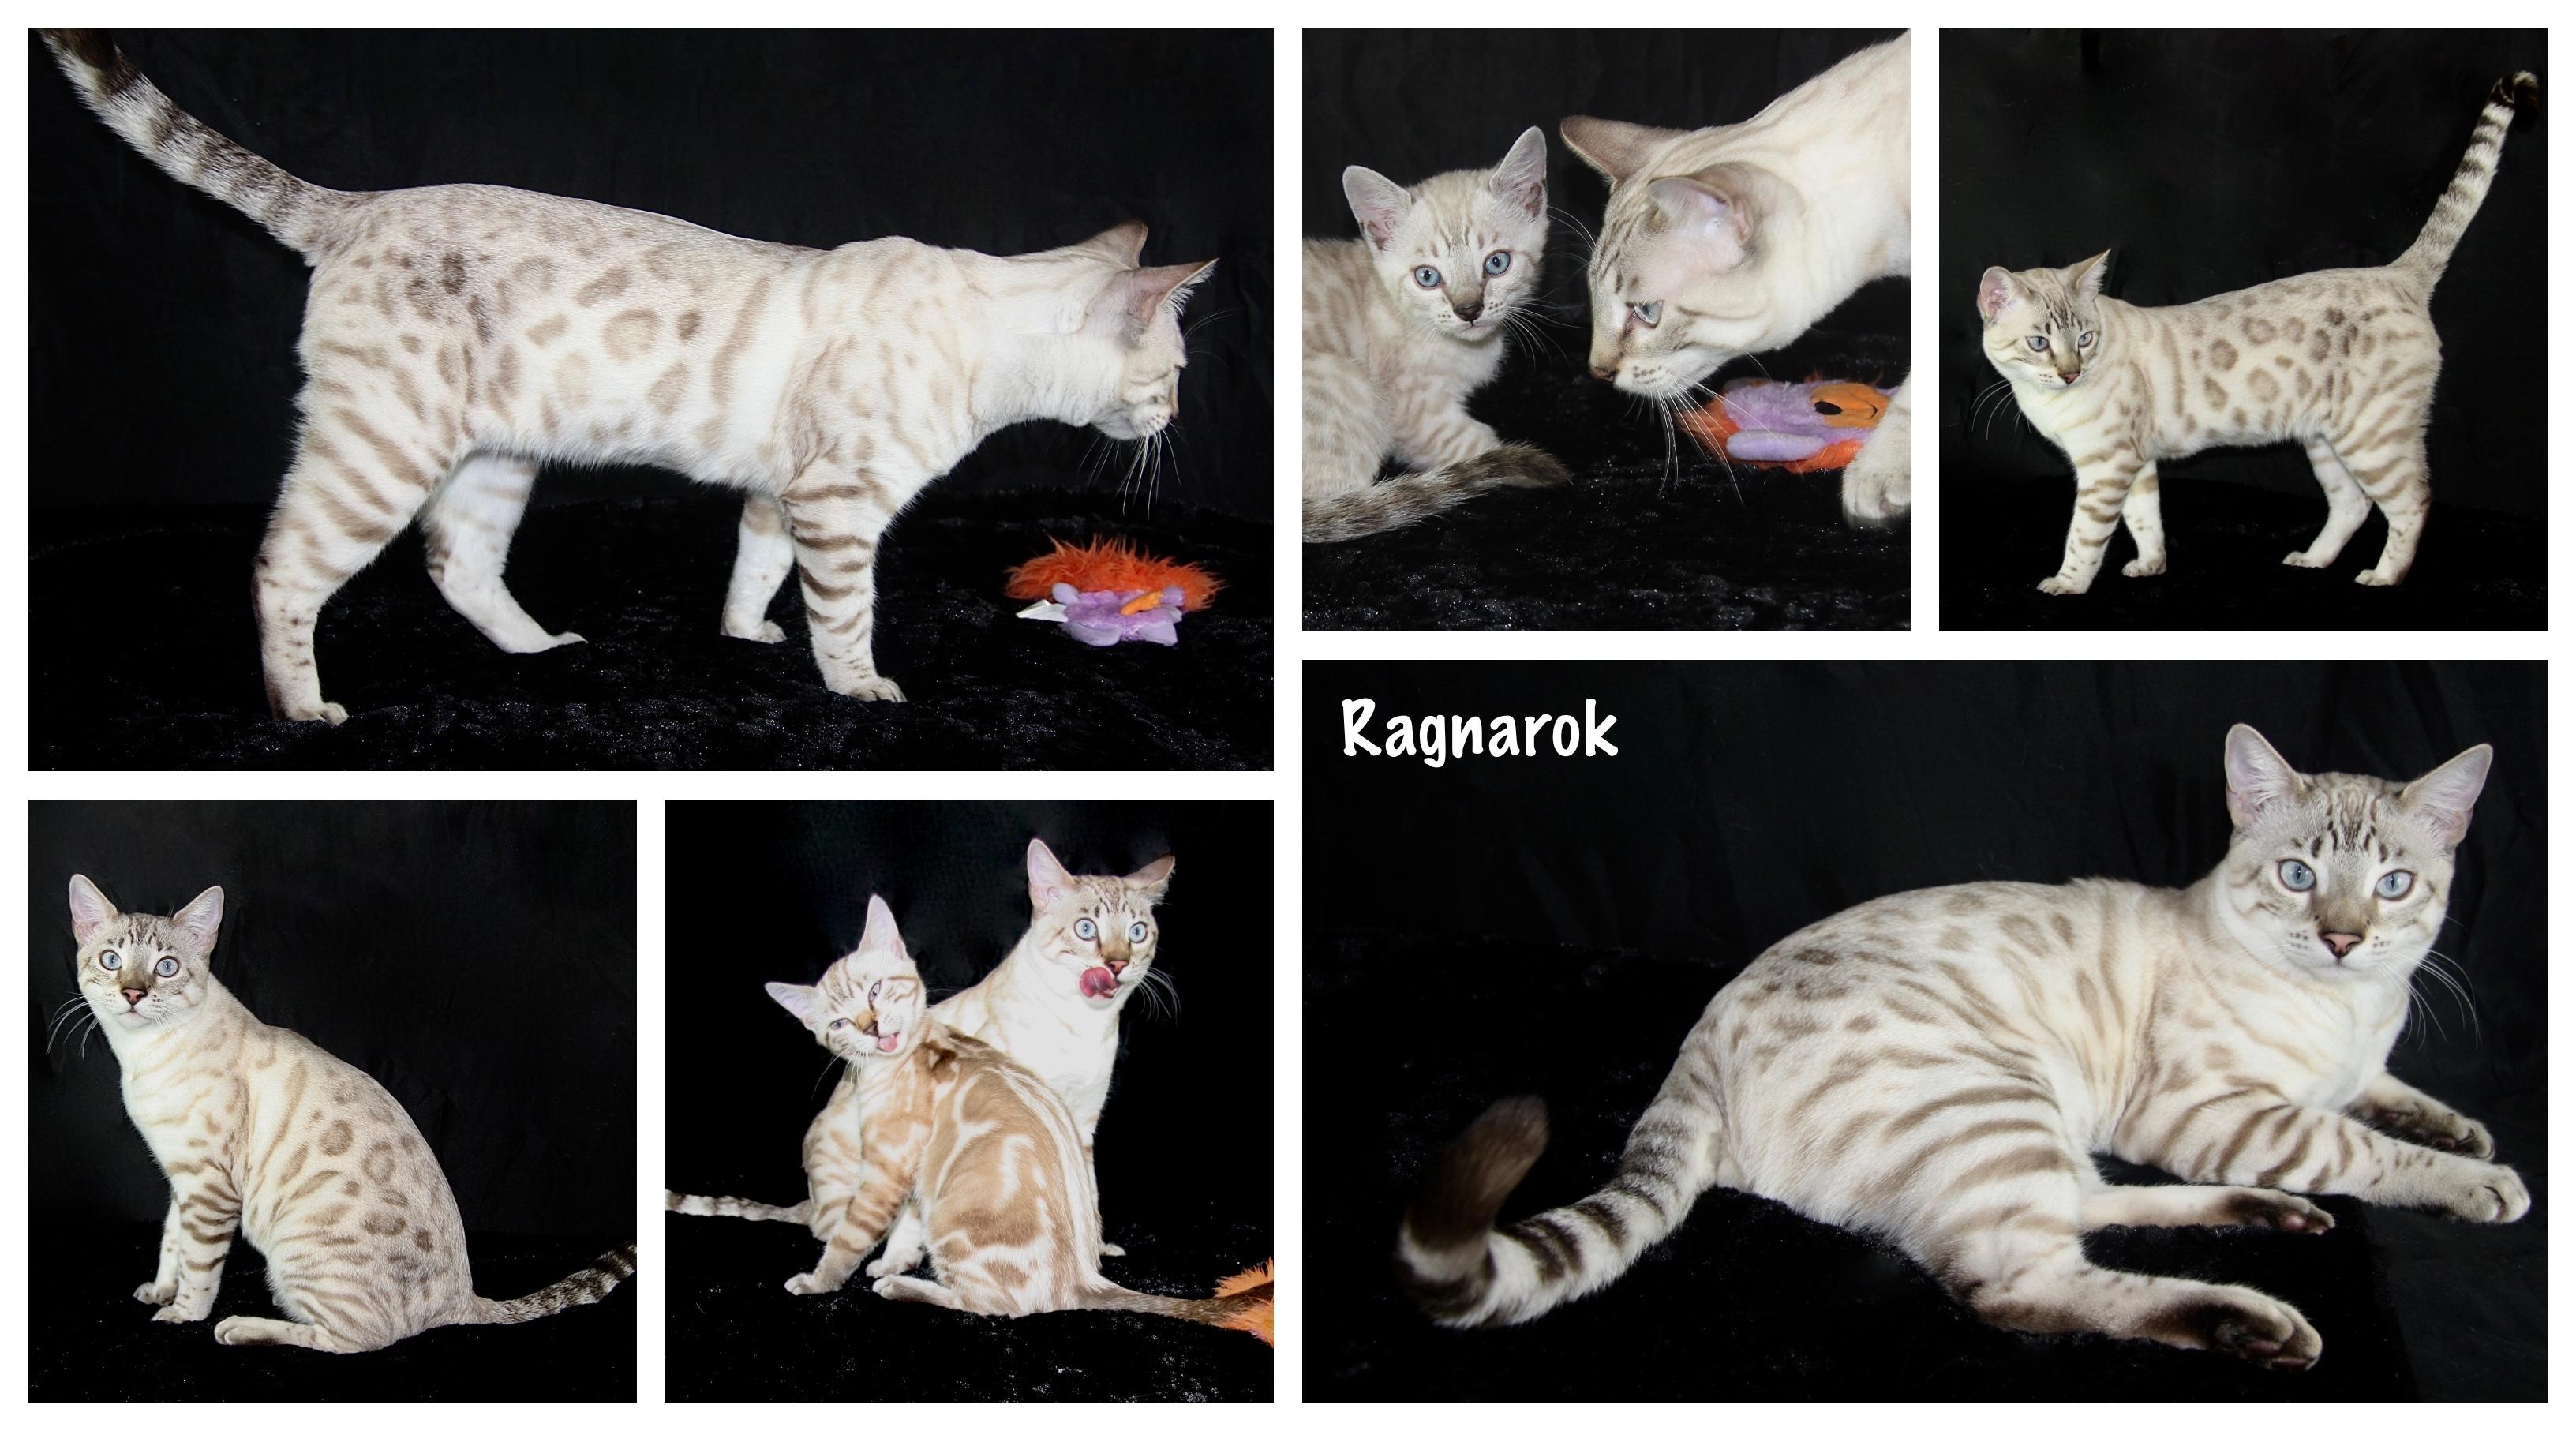 Ragnarok 7 months